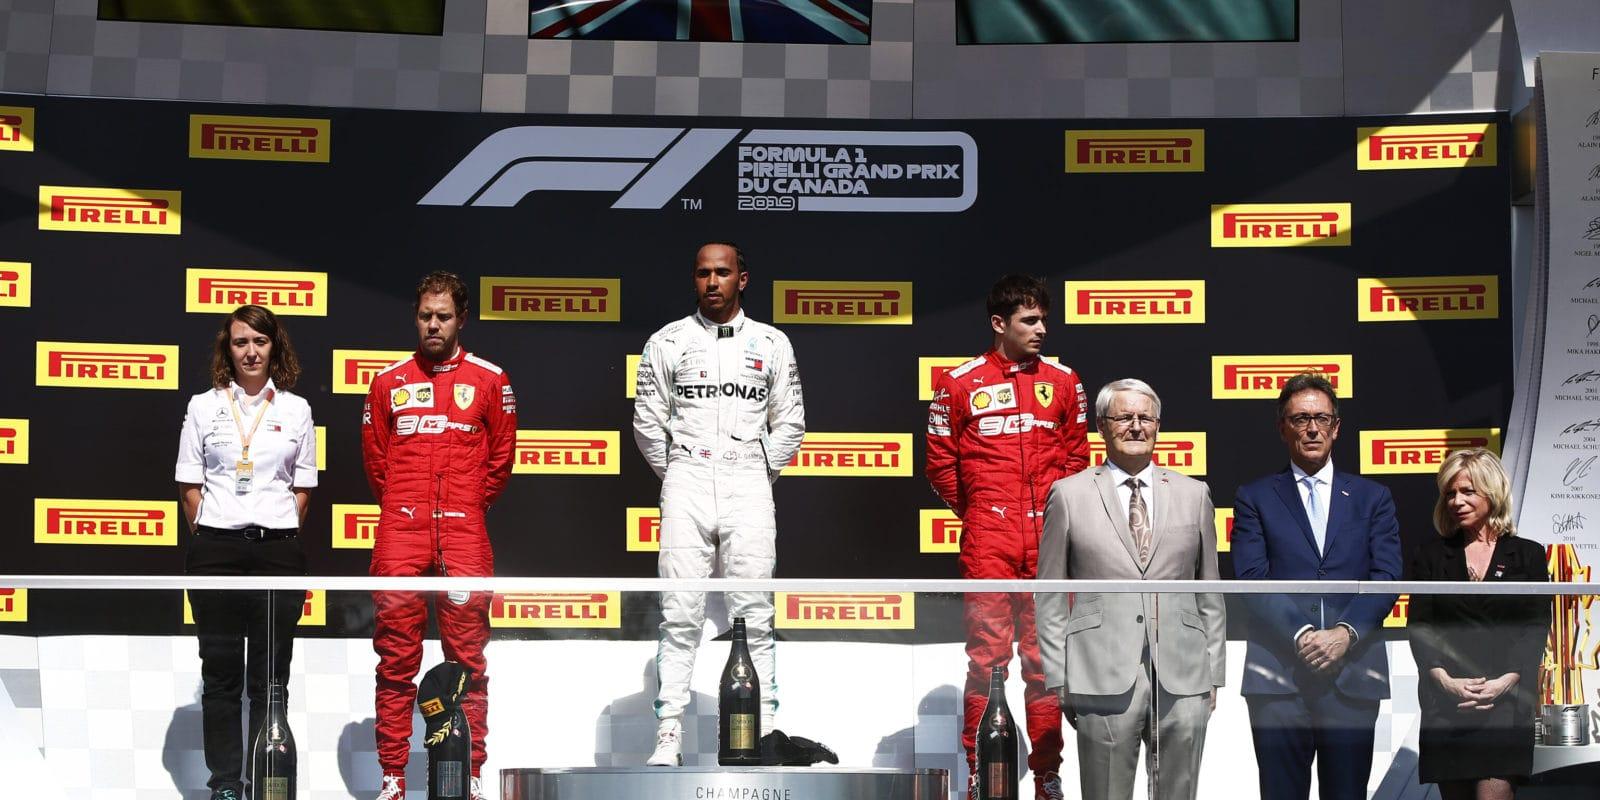 Názor: Vettelův trest formálně správný, ale zbytečný